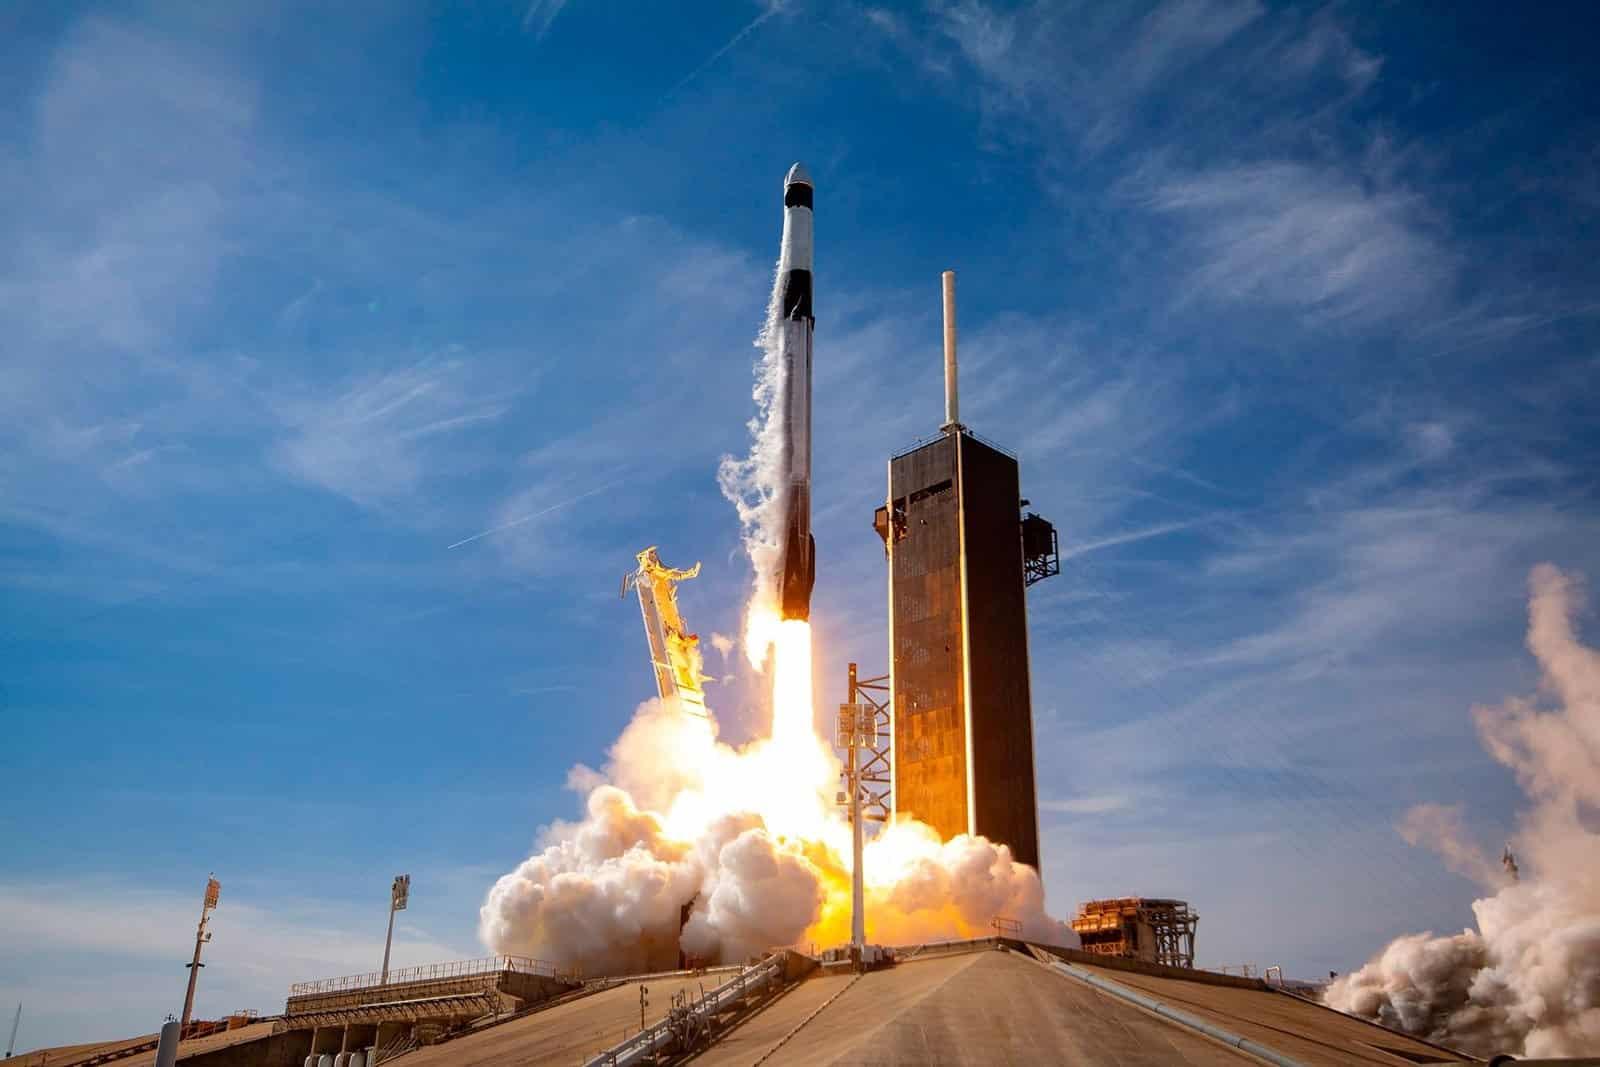 موشک اسپیس ایکس فالکون ۹ - SpaceX Falcon 9 - چیکاو